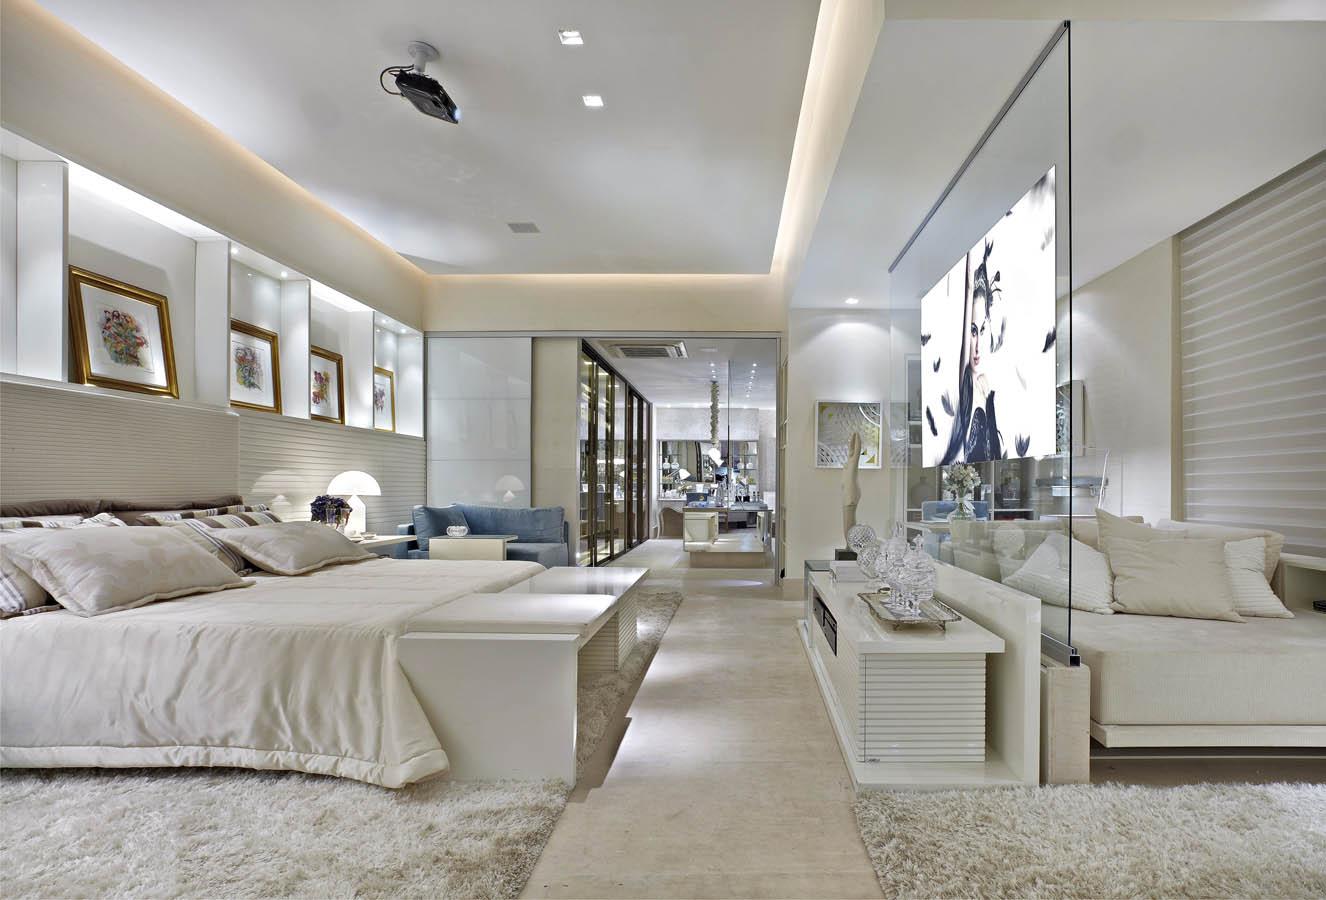 Quartos De Luxo A Id Ia De Beleza Dom Stica ~ Decoração De Quarto De Casal Luxo